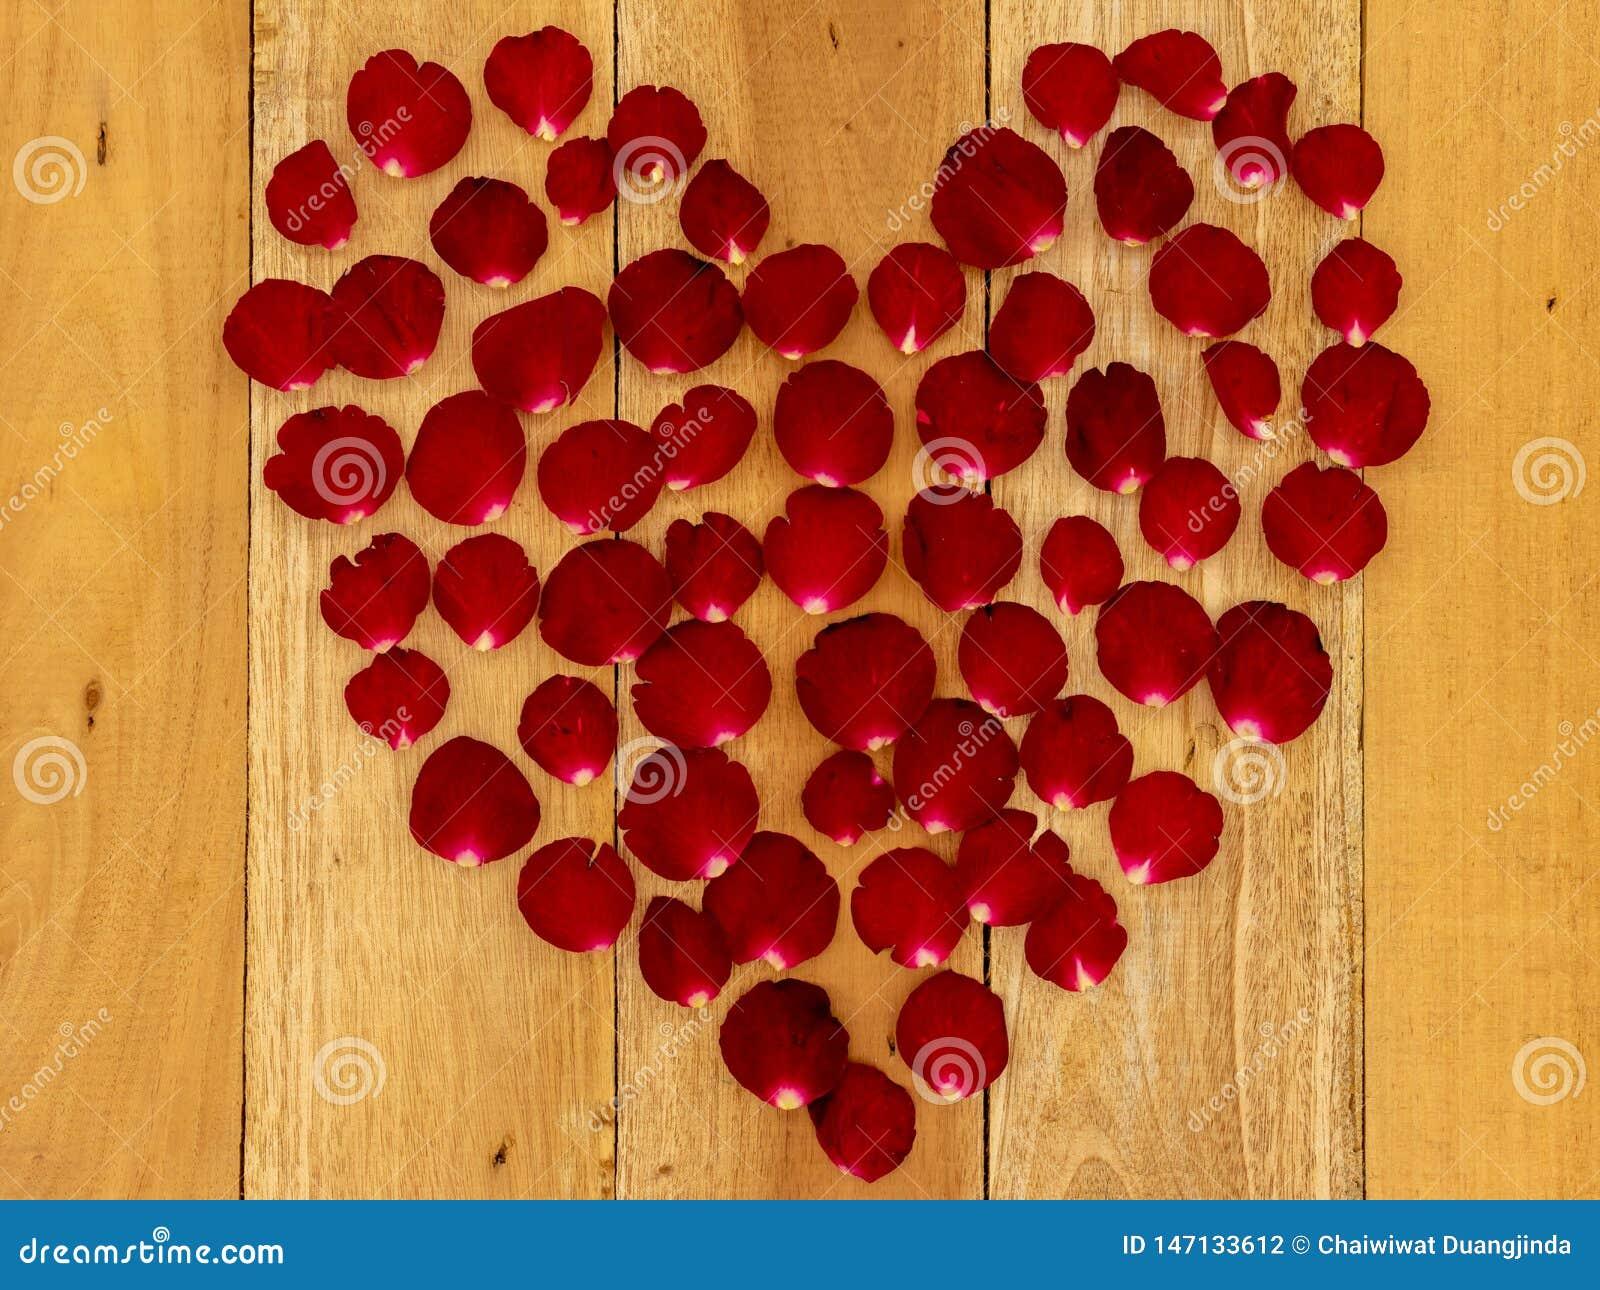 玫瑰花瓣在心形安排了